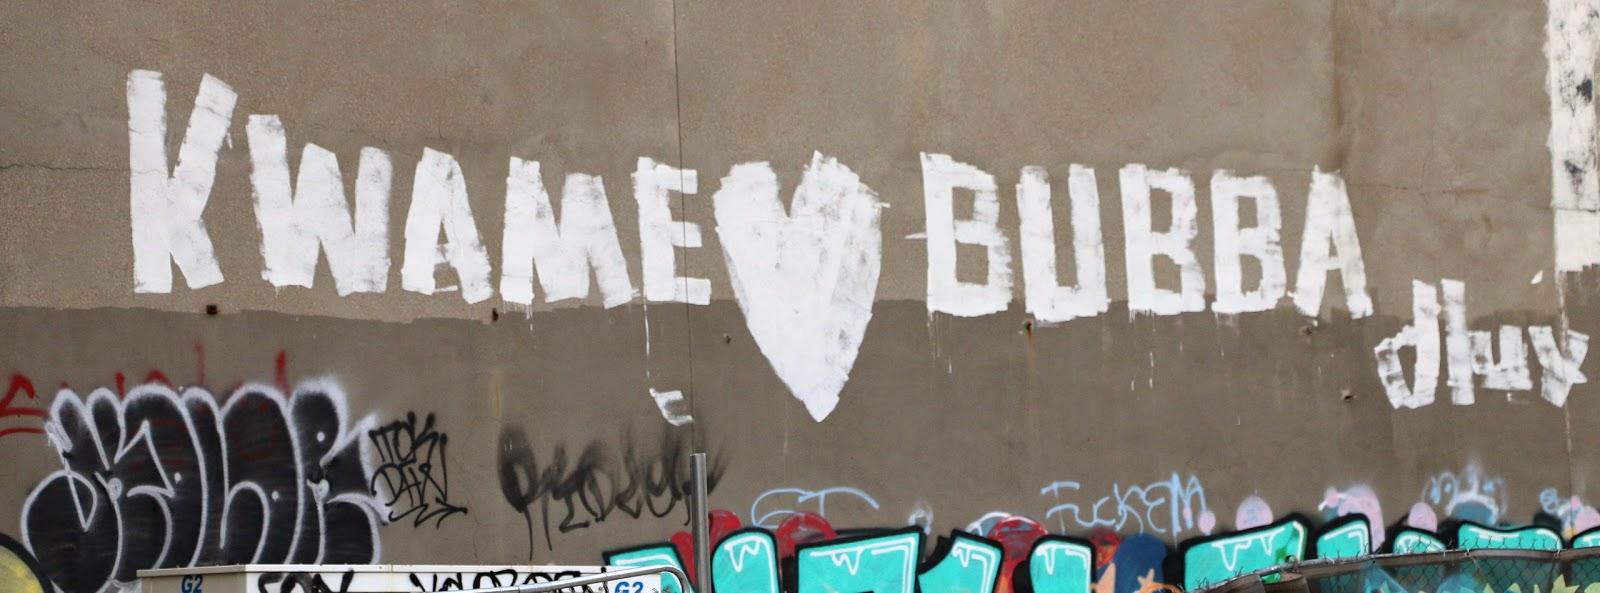 Detroit graffiti art oh kwame for Enjoy detroit mural